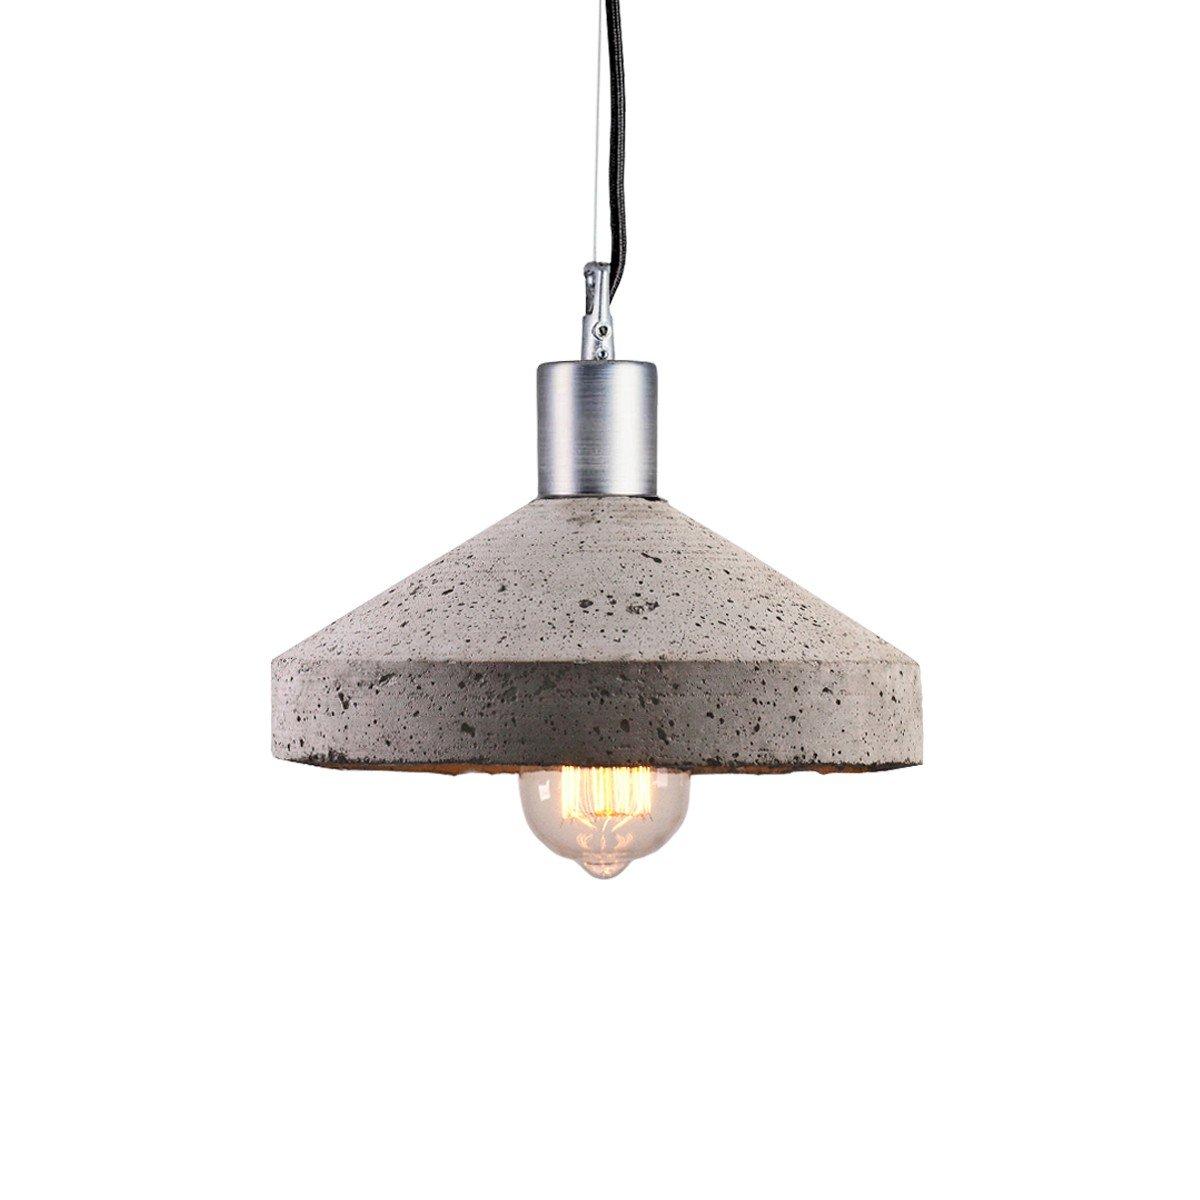 Rocket Deckenlampe aus grauem Zement von Bogumi? Gala für Galaeria Fac...